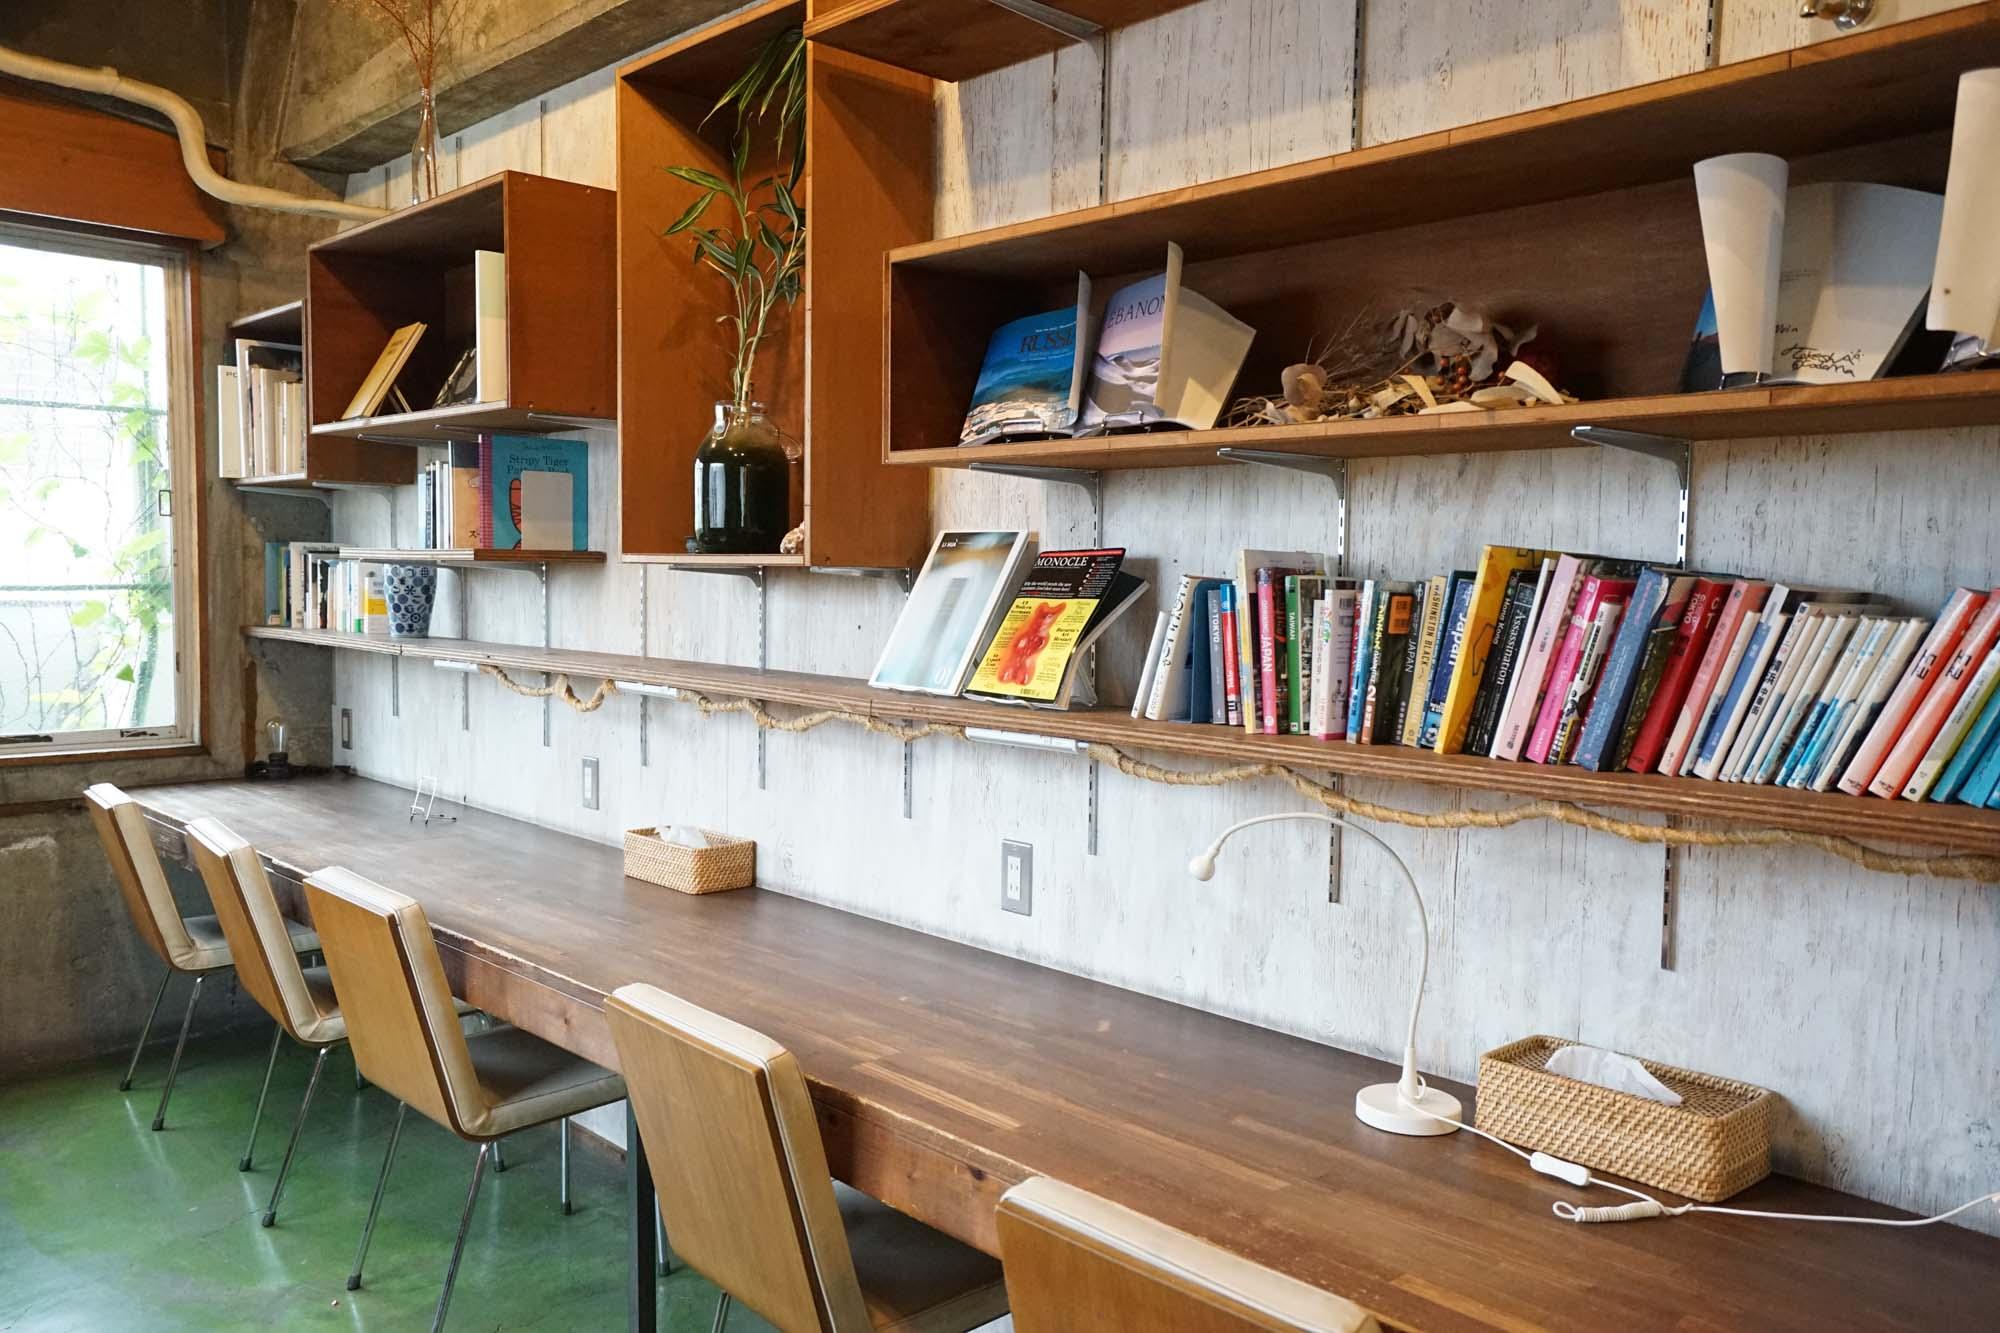 宿泊者専用スペースなので、1階のカフェがいっぱいだったり、集中したい時、落ち着いて利用できそうです。